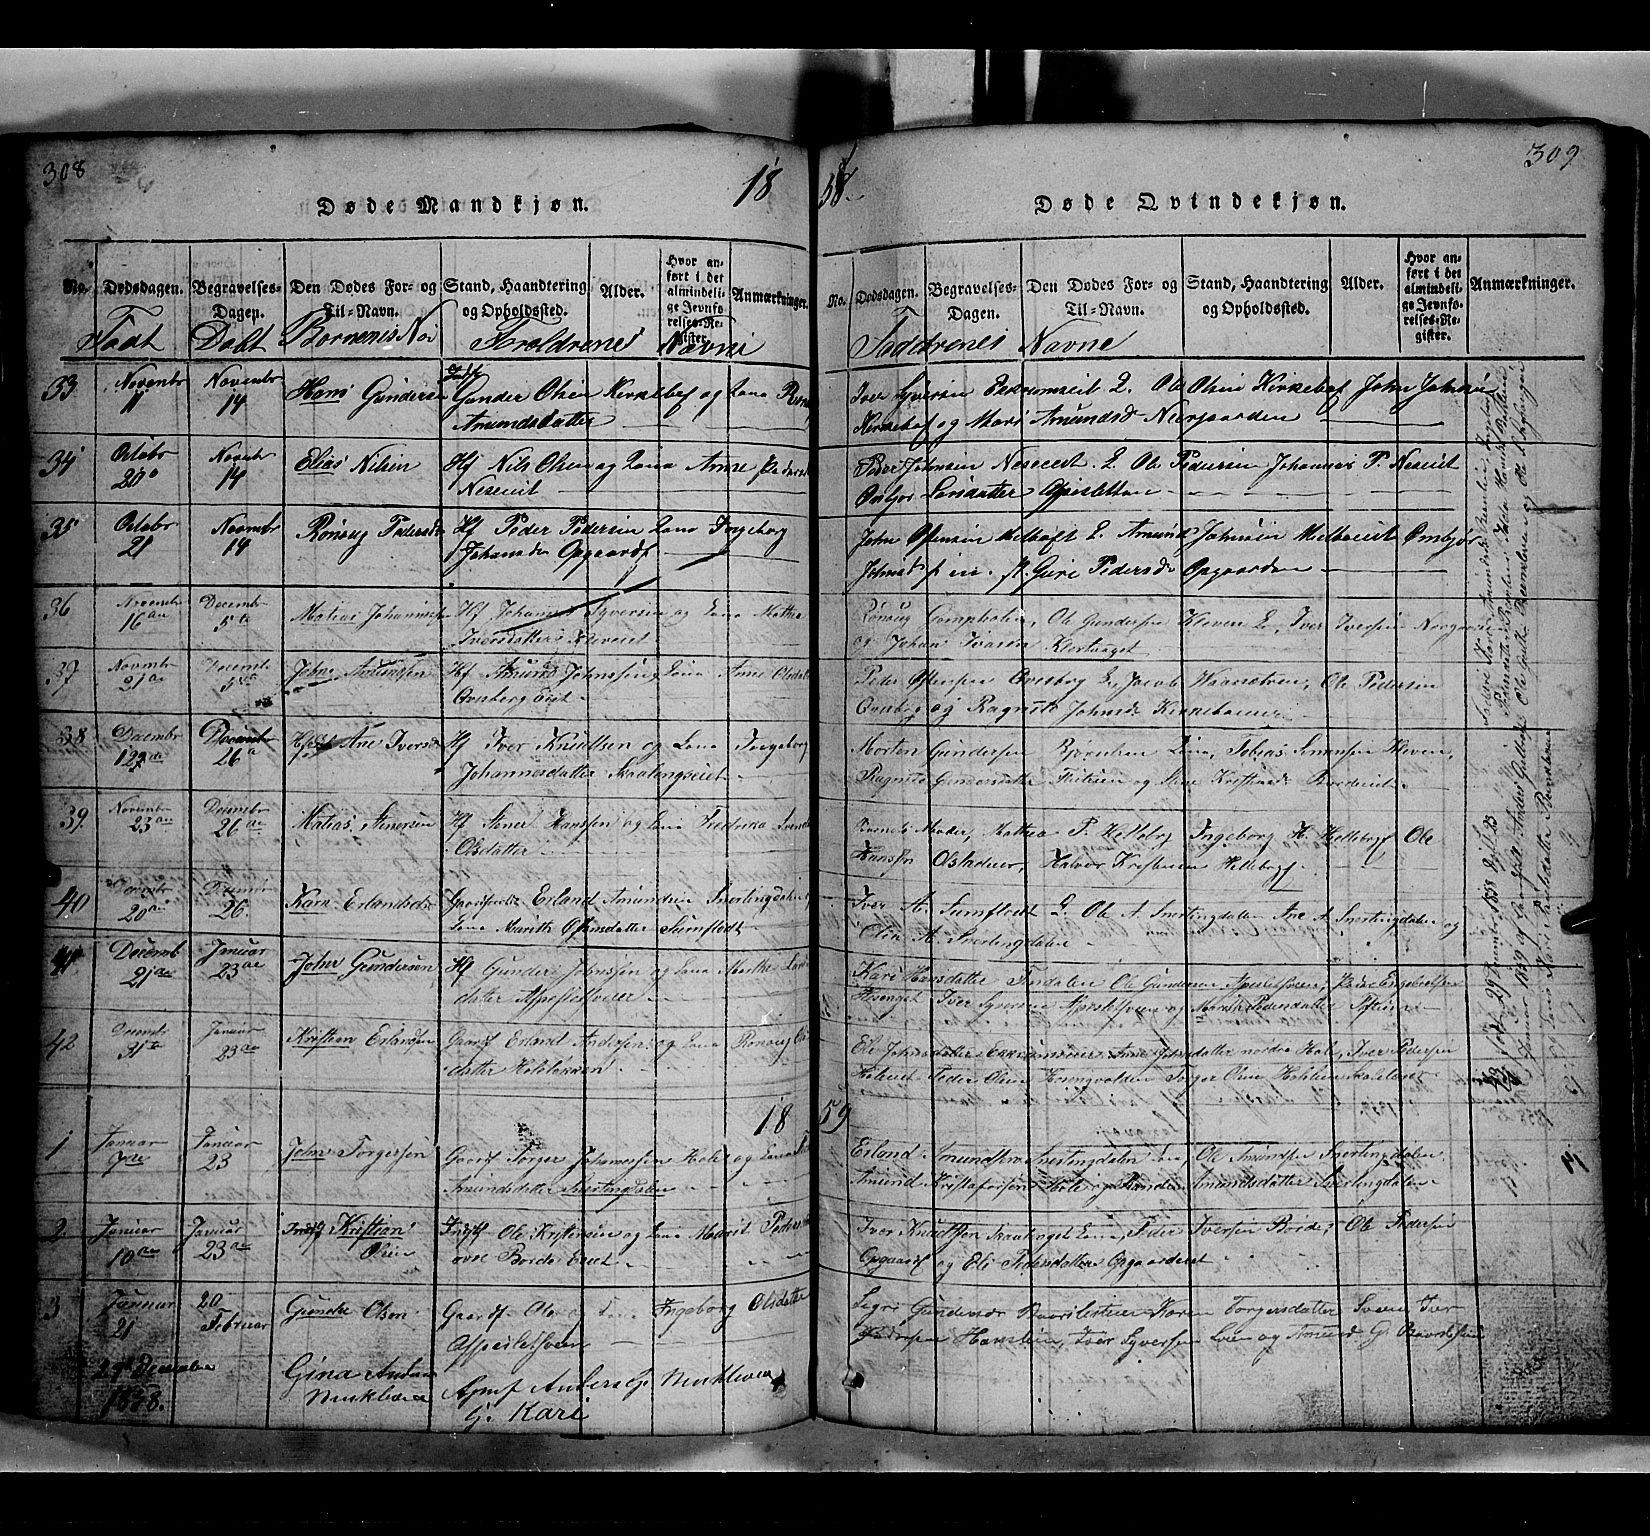 SAH, Gausdal prestekontor, Klokkerbok nr. 2, 1818-1874, s. 308-309